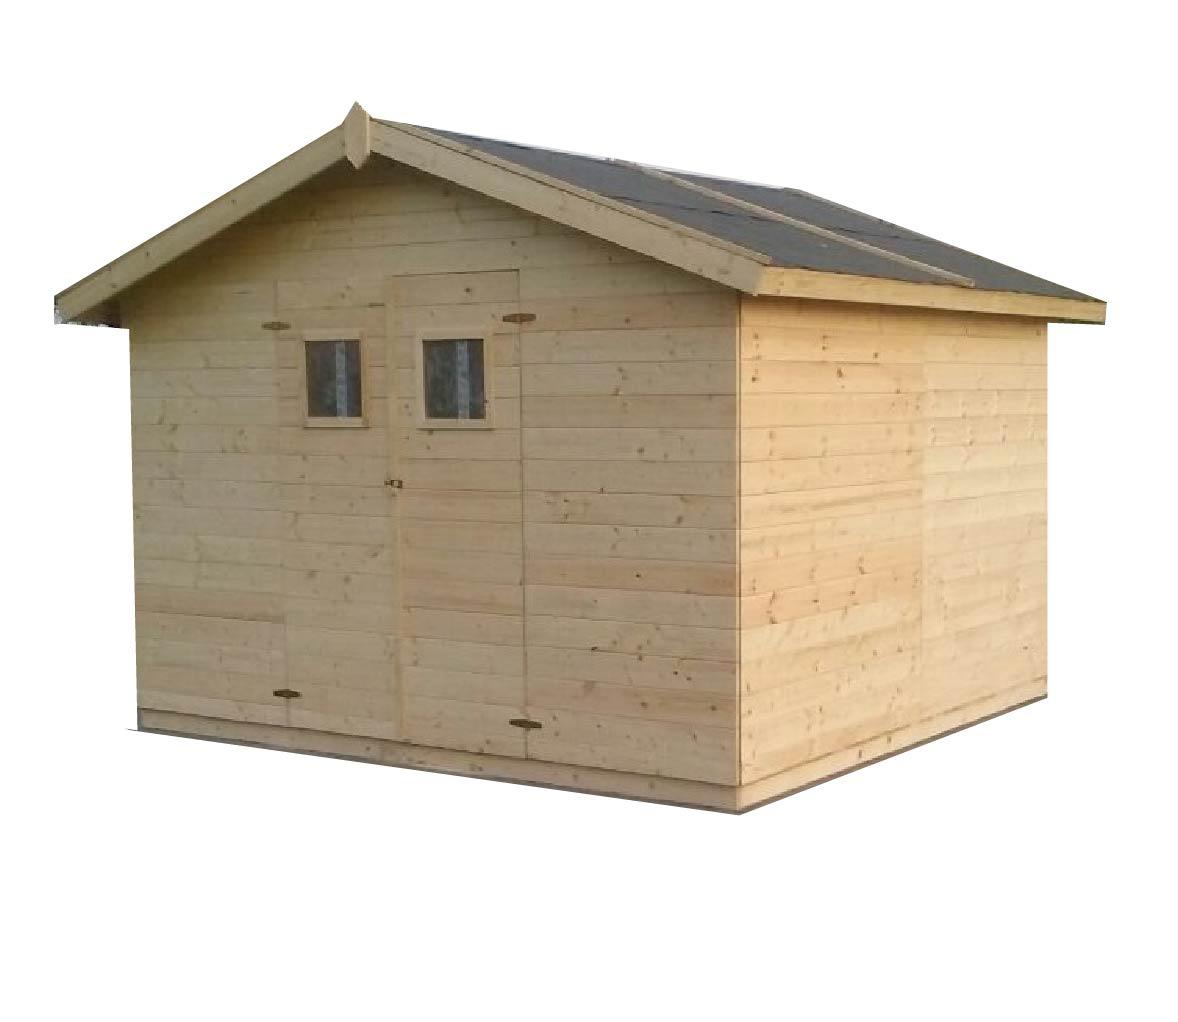 gartenhäuser bis 12 m2 | gartenhaus aus holz 3,3m x 3,3m, (16mm) mit